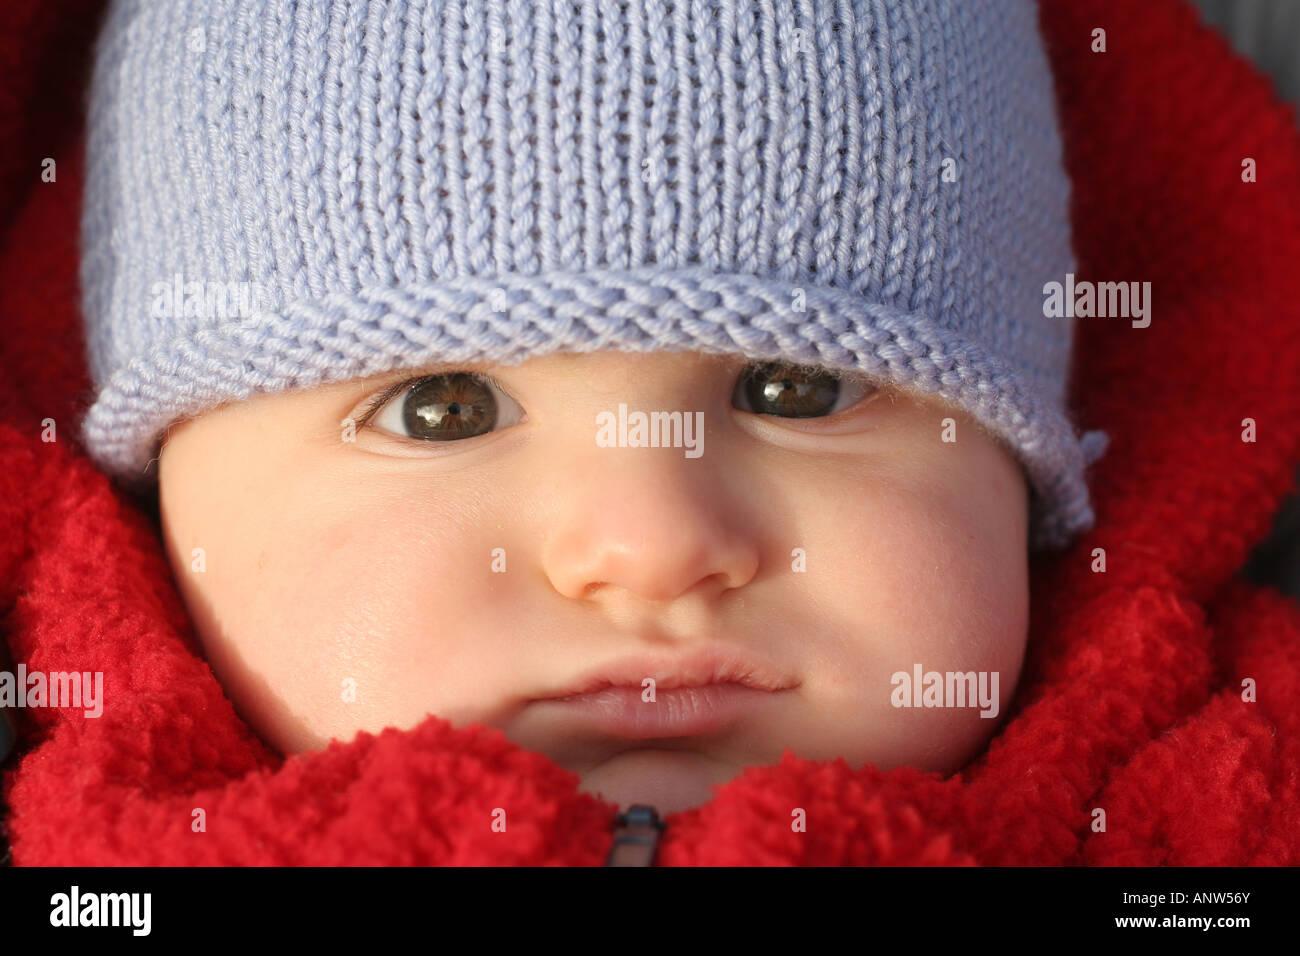 8 Monate altes Baby Boy mit rotem Mantel und blaue Wollmütze Stockbild